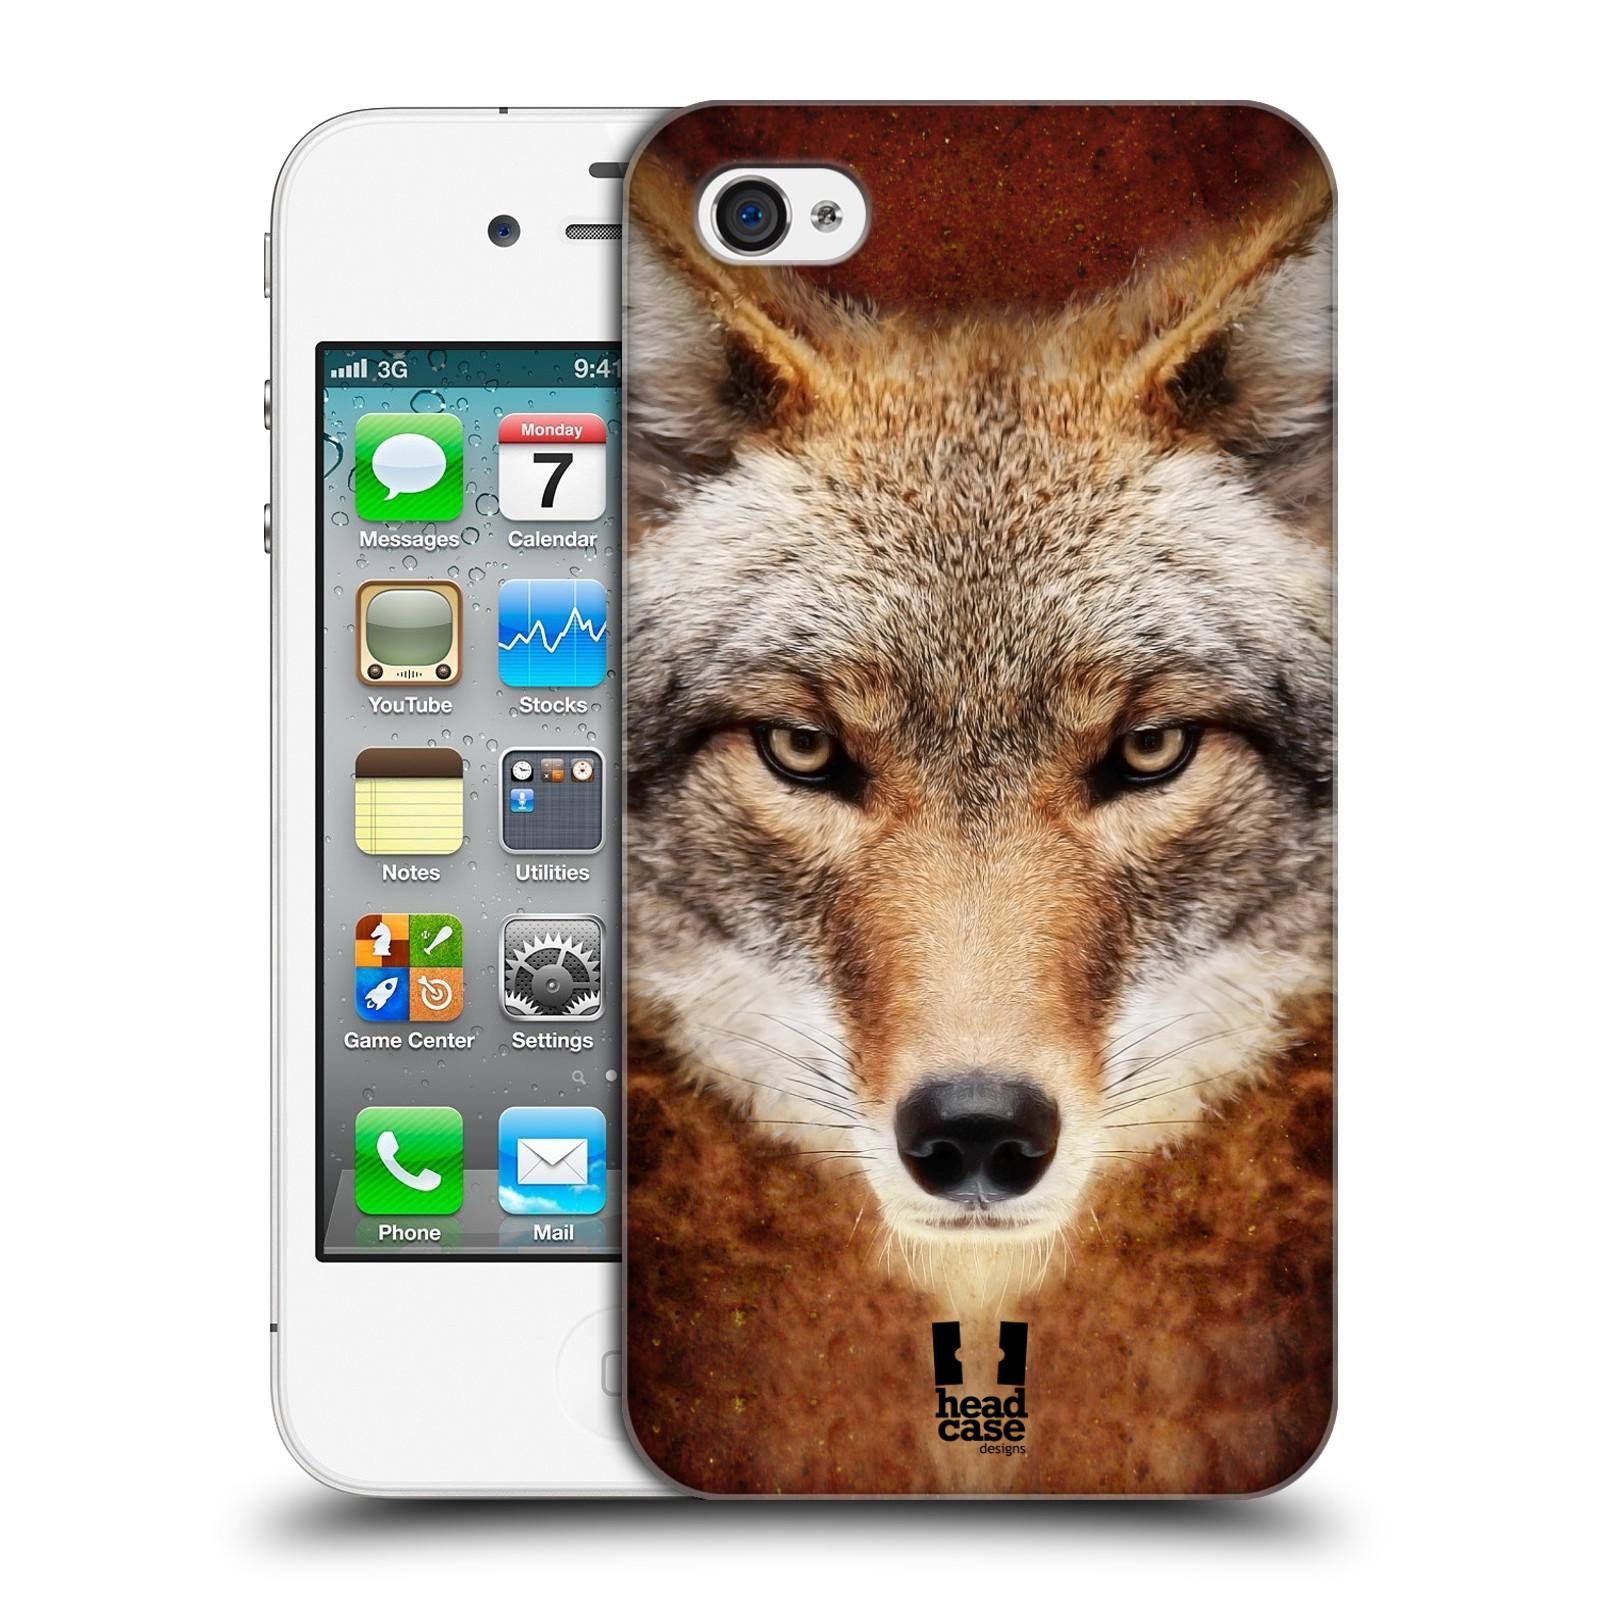 HEAD CASE plastový obal na mobil Apple Iphone 4/4S vzor Zvířecí tváře kojot